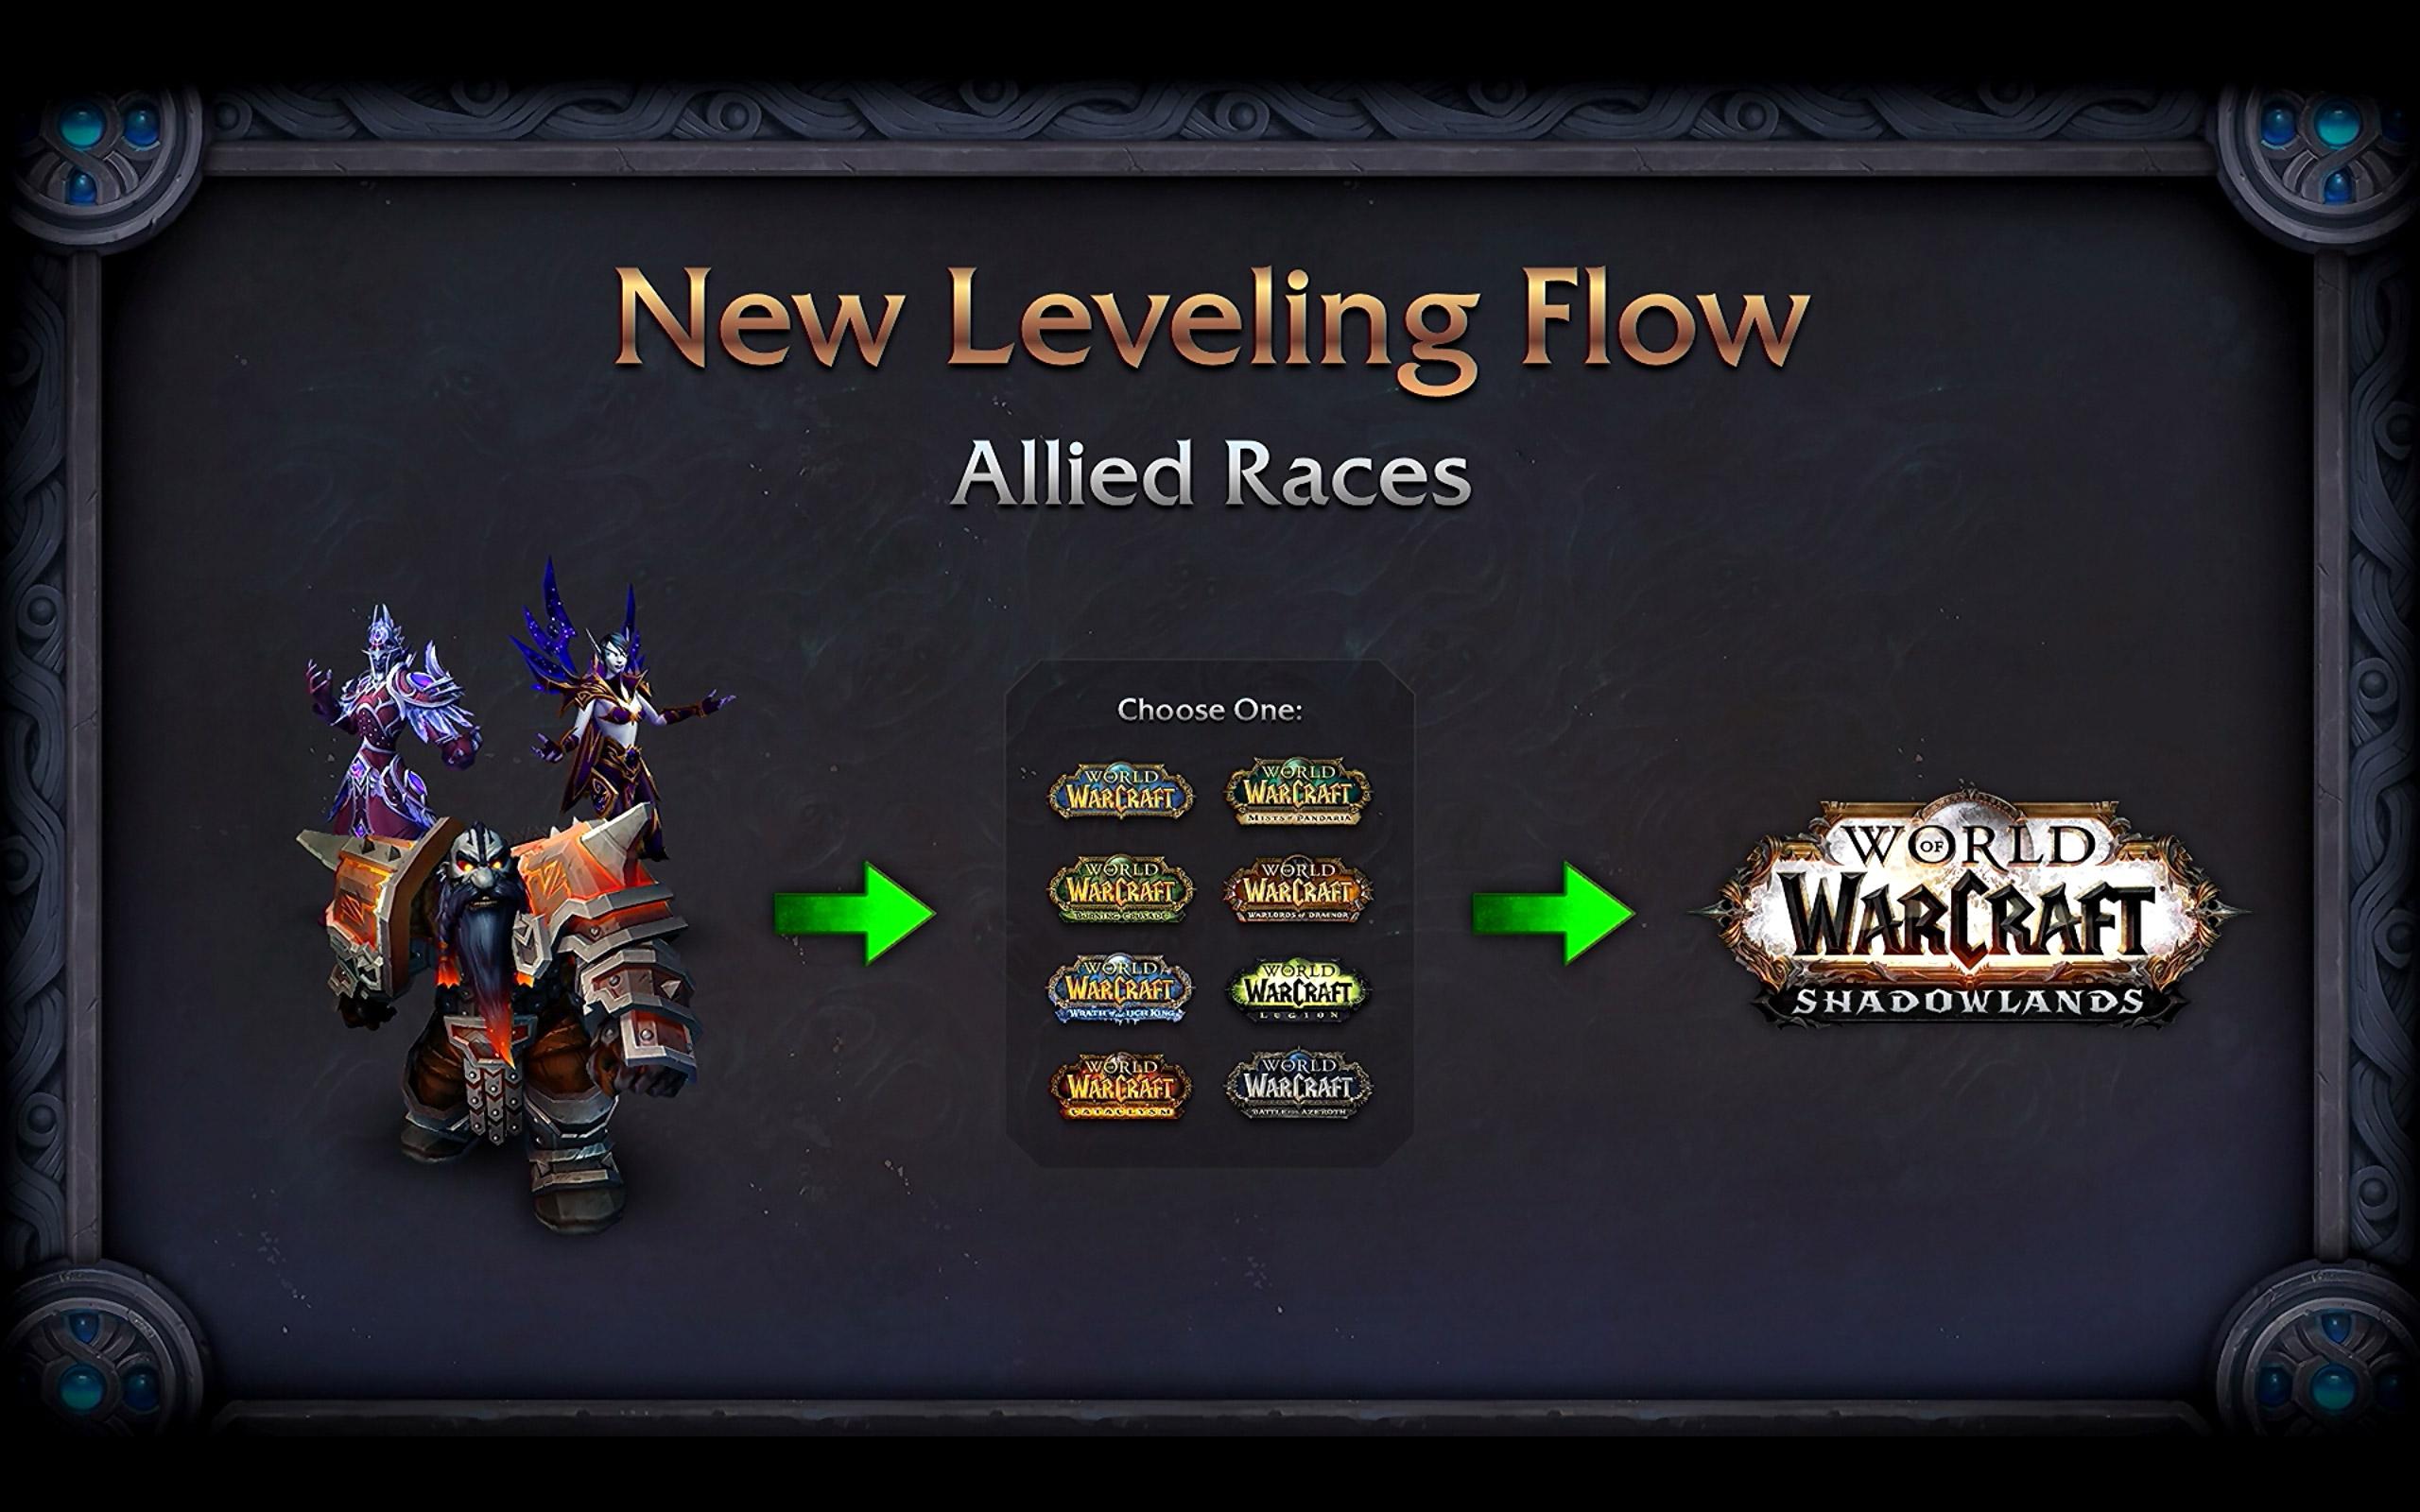 Les races alliées commencent dans les zones de départ normales